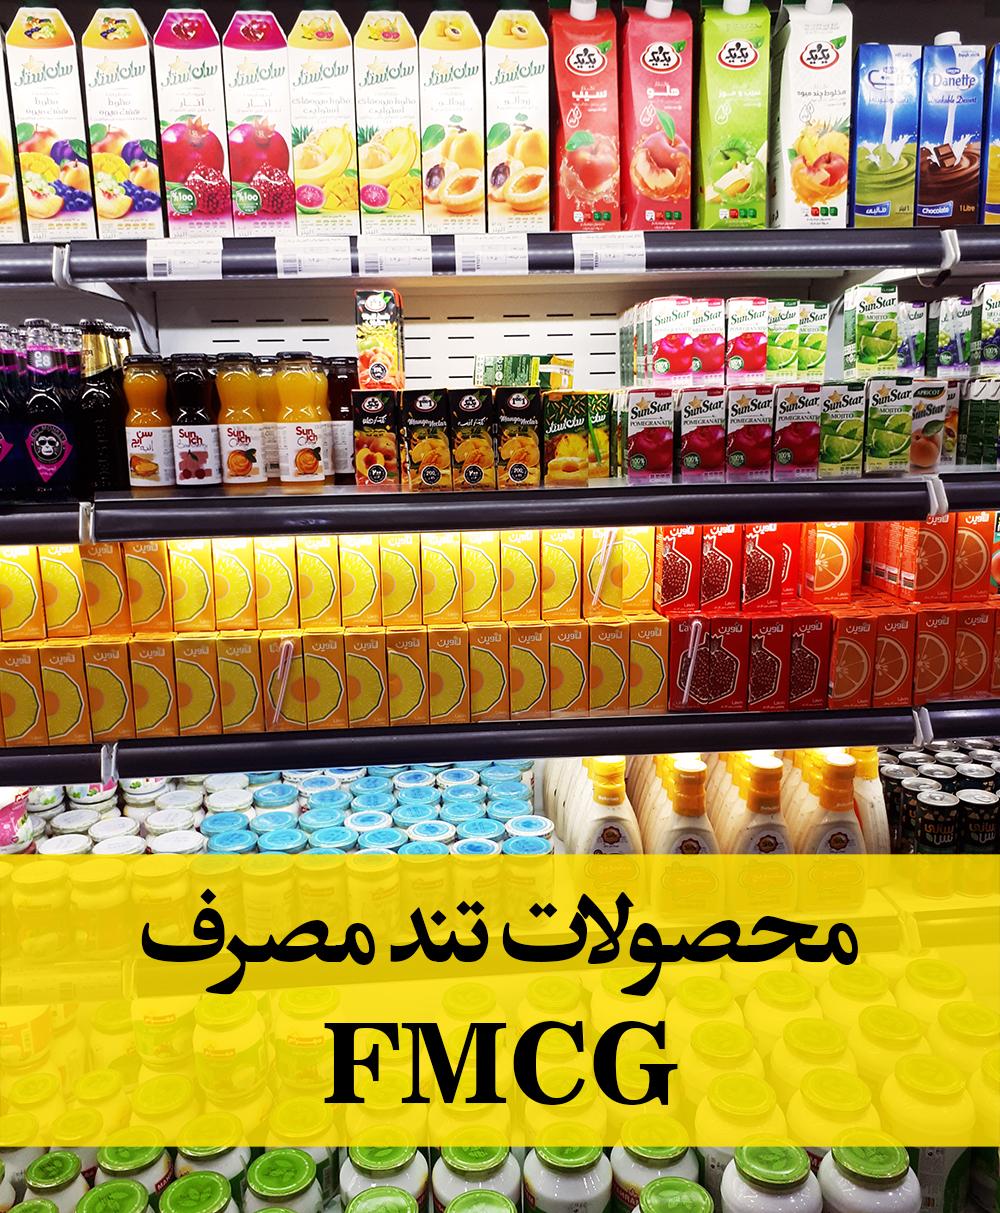 کالاهای مصرفی FMCG چی هستند؟